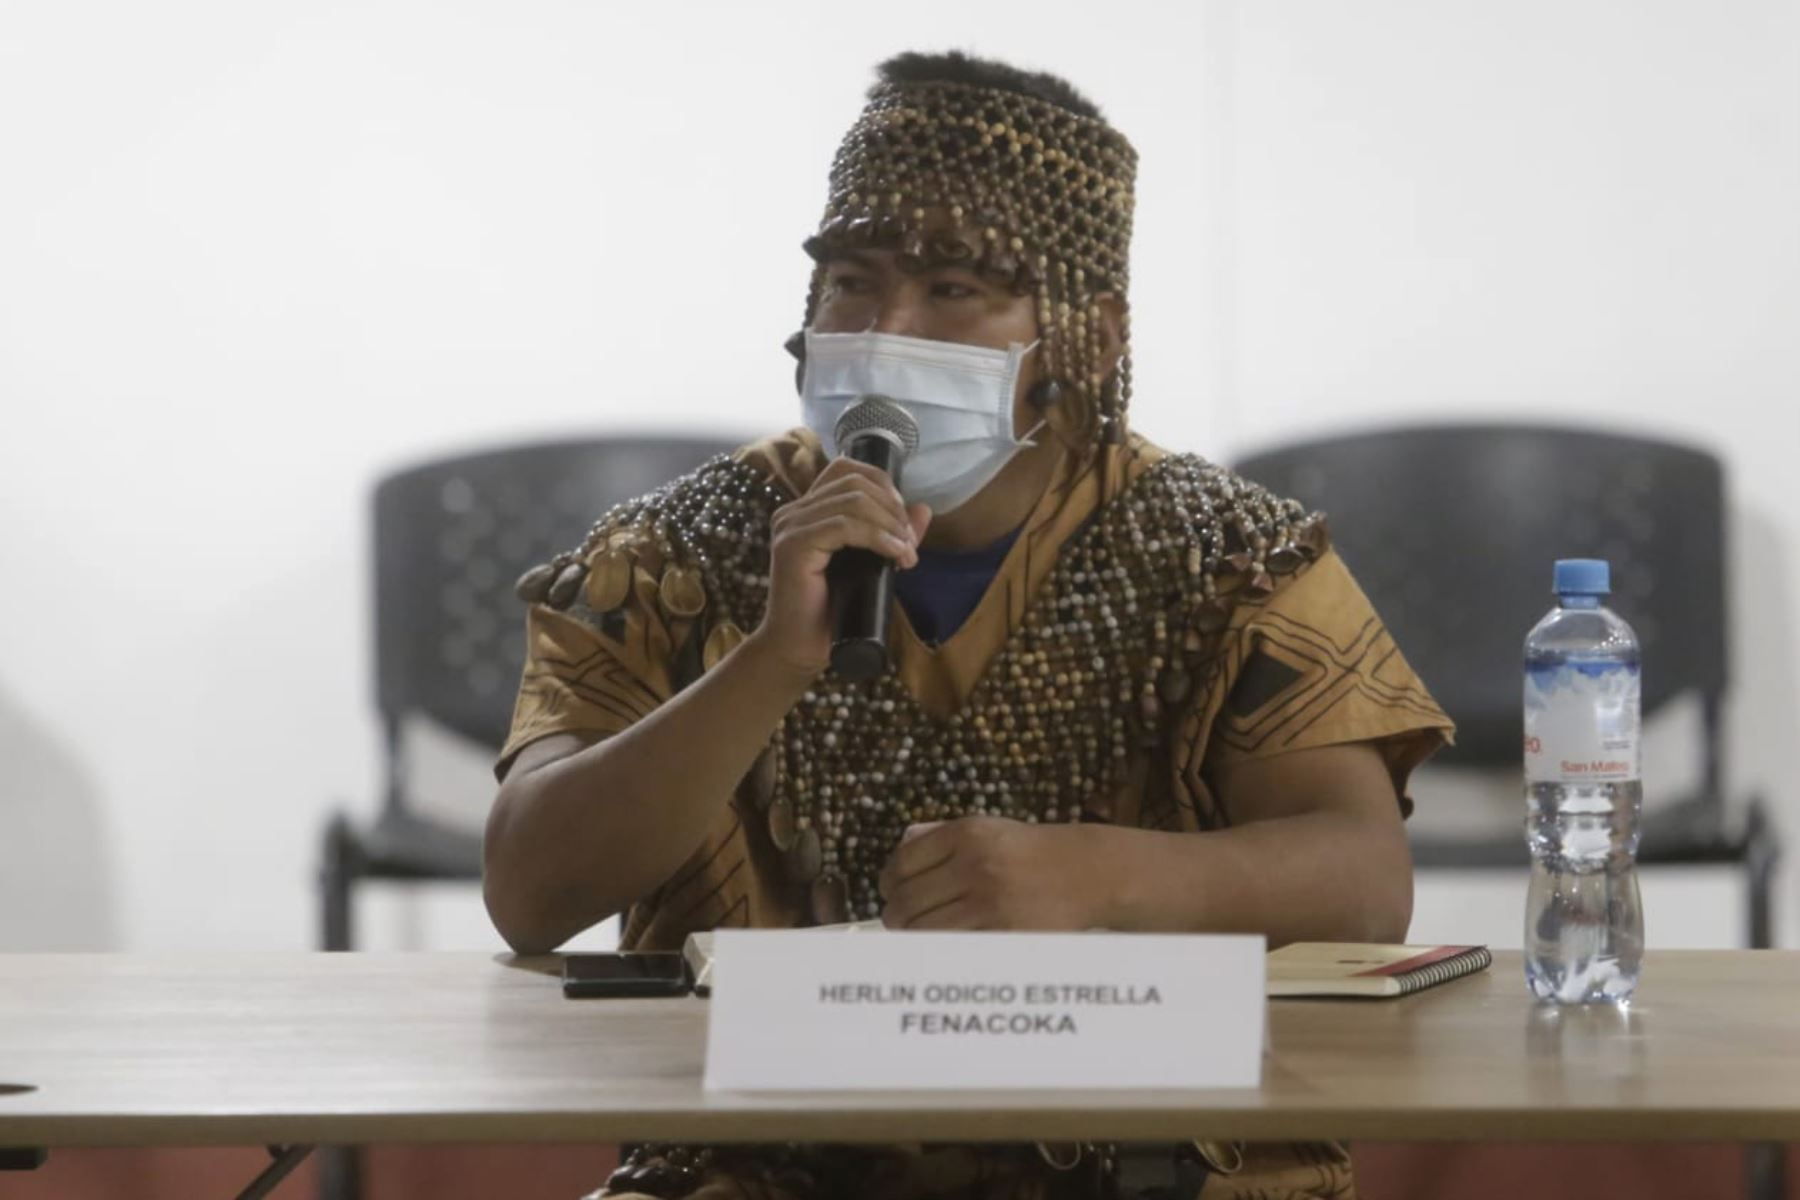 En la sede del Ministerio de Cultura se lleva a cabo una reunión multisectorial con autoridades de organizaciones indígenas de Ucayali, tales como Fenacoka, Feconau y Tribunal Indigena, a fin de dialogar sobre las necesidades de los pueblos indígenas en la región. Foto: Mincul